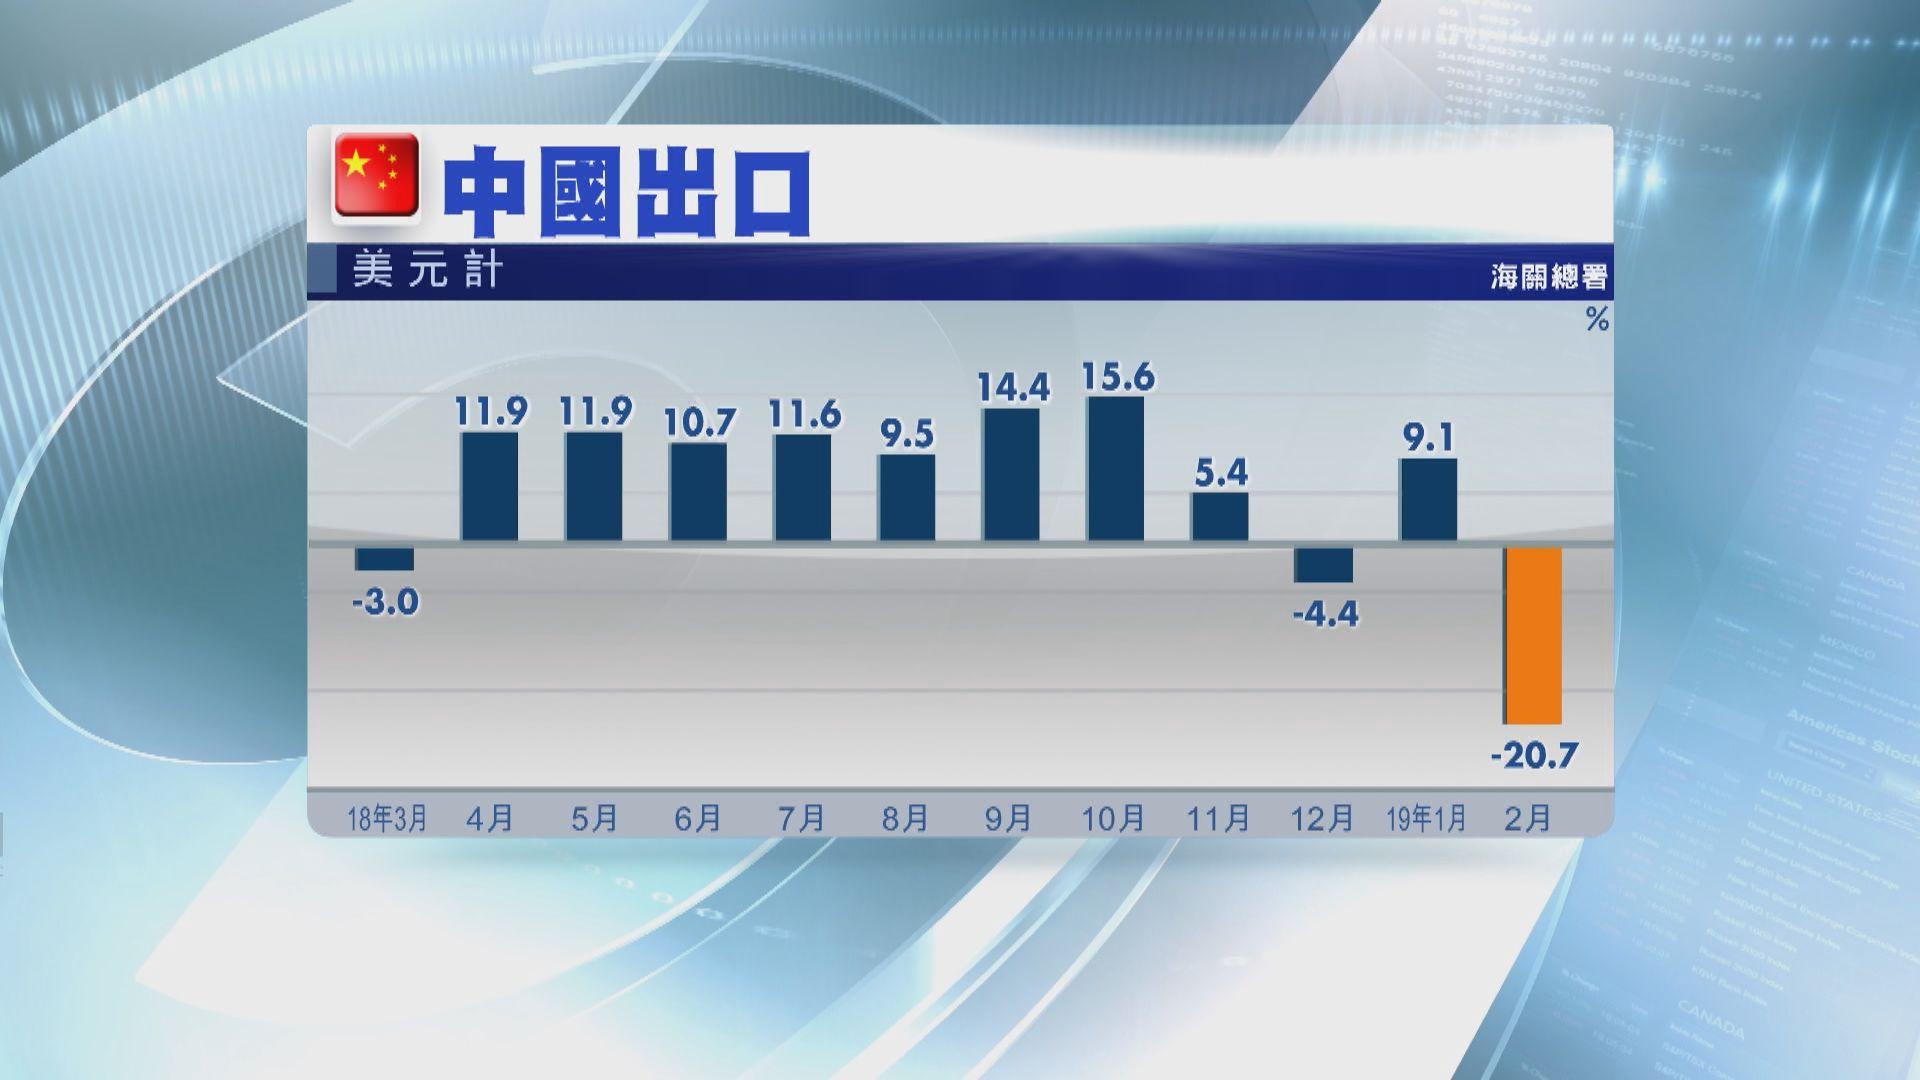 【貿戰影響】內地2月進出口均遠遜預期